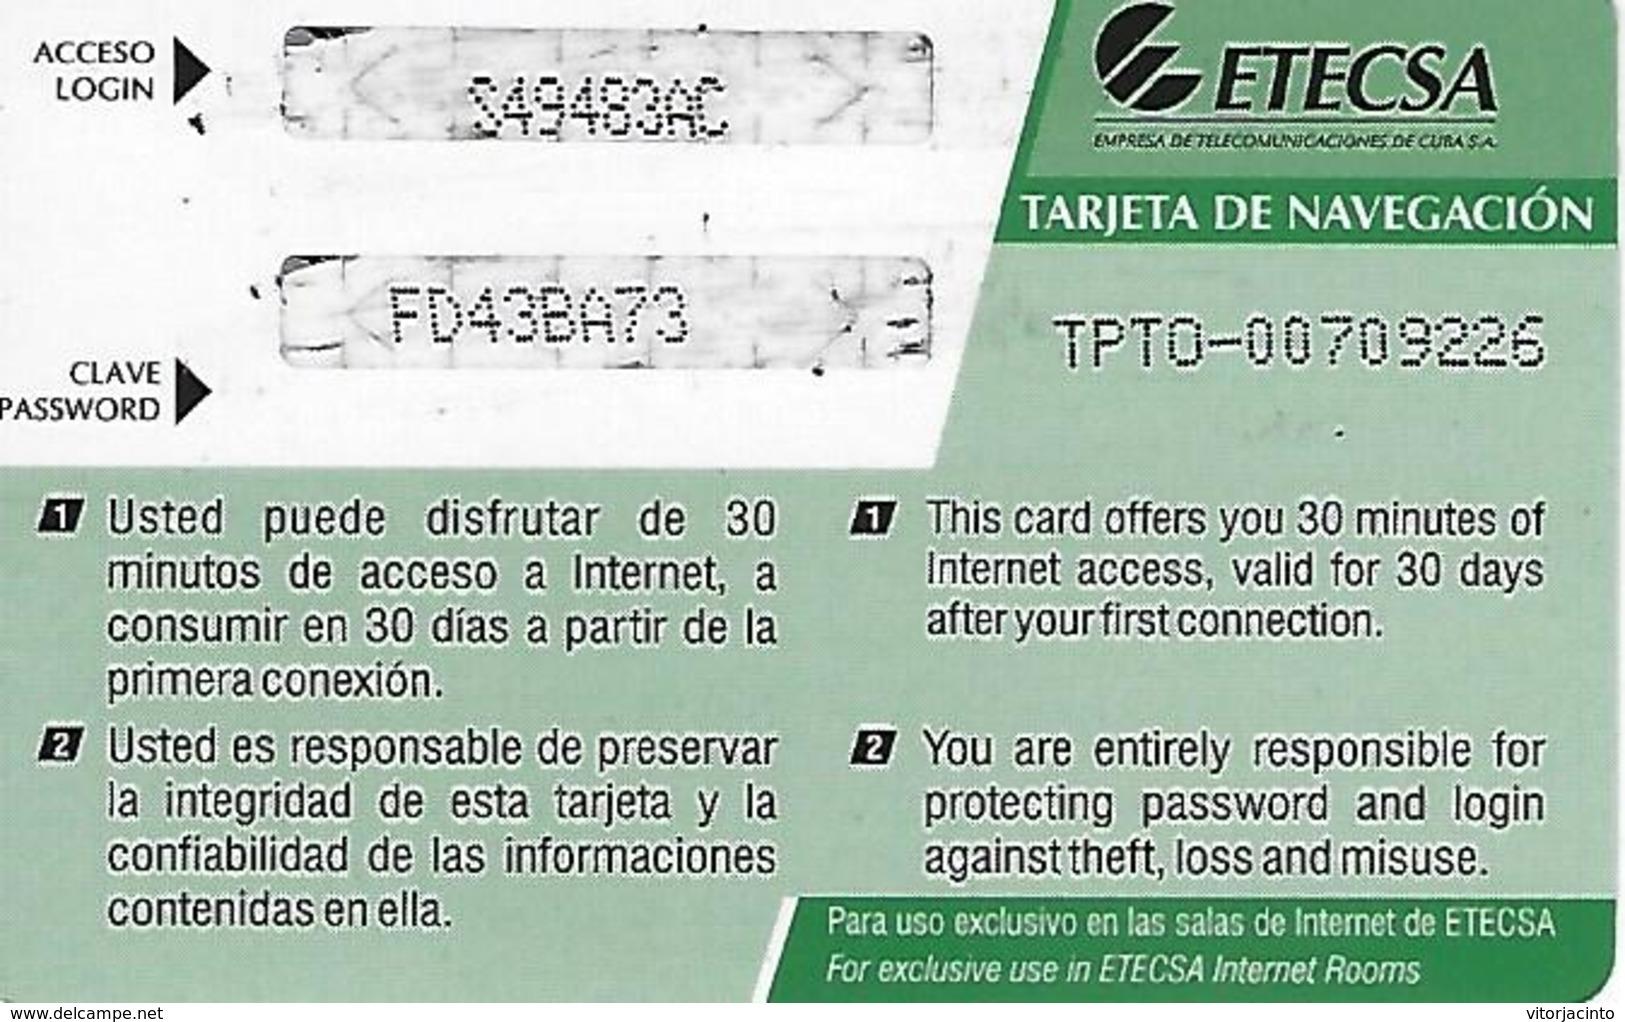 Nauta - Use Of Internet - Etecsa - 3.00 CUC - Cuba - Cuba